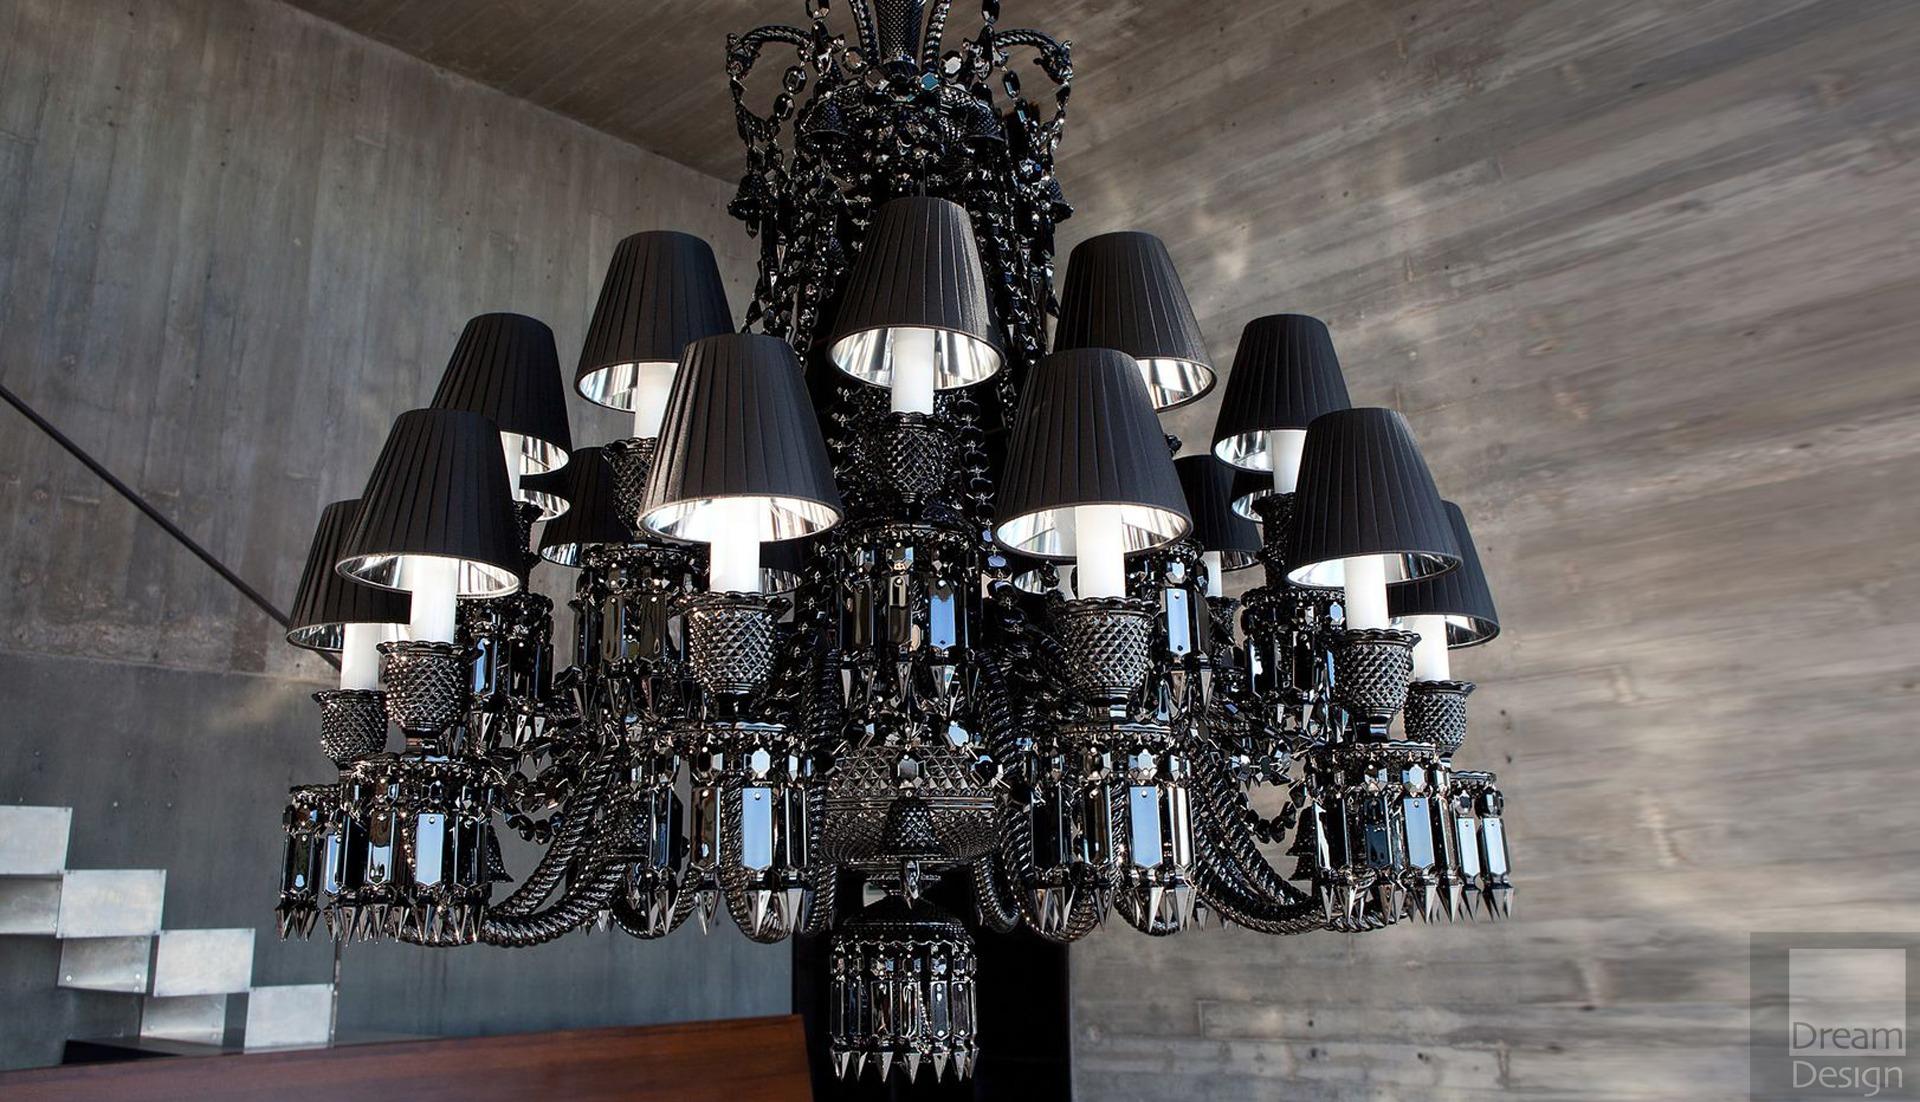 Baccarat zenith noir chandelier 24 lights dream design interiors ltd previous next aloadofball Gallery